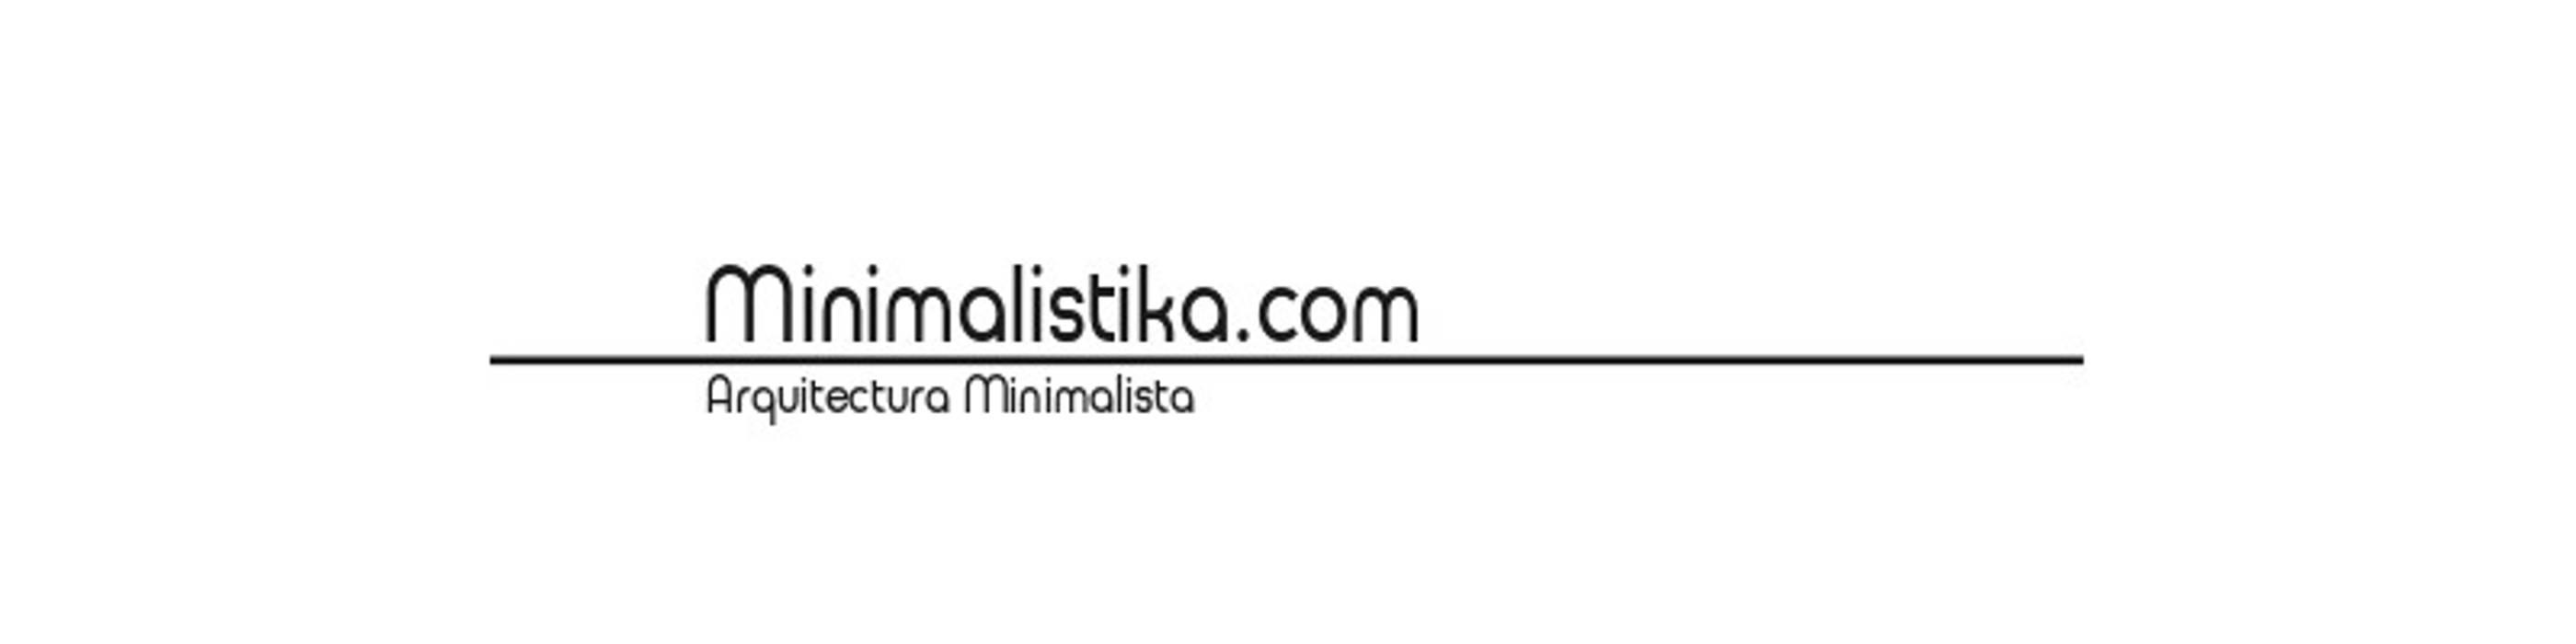 Nuestros Servicios de Minimalistika.com Minimalista Madera Acabado en madera